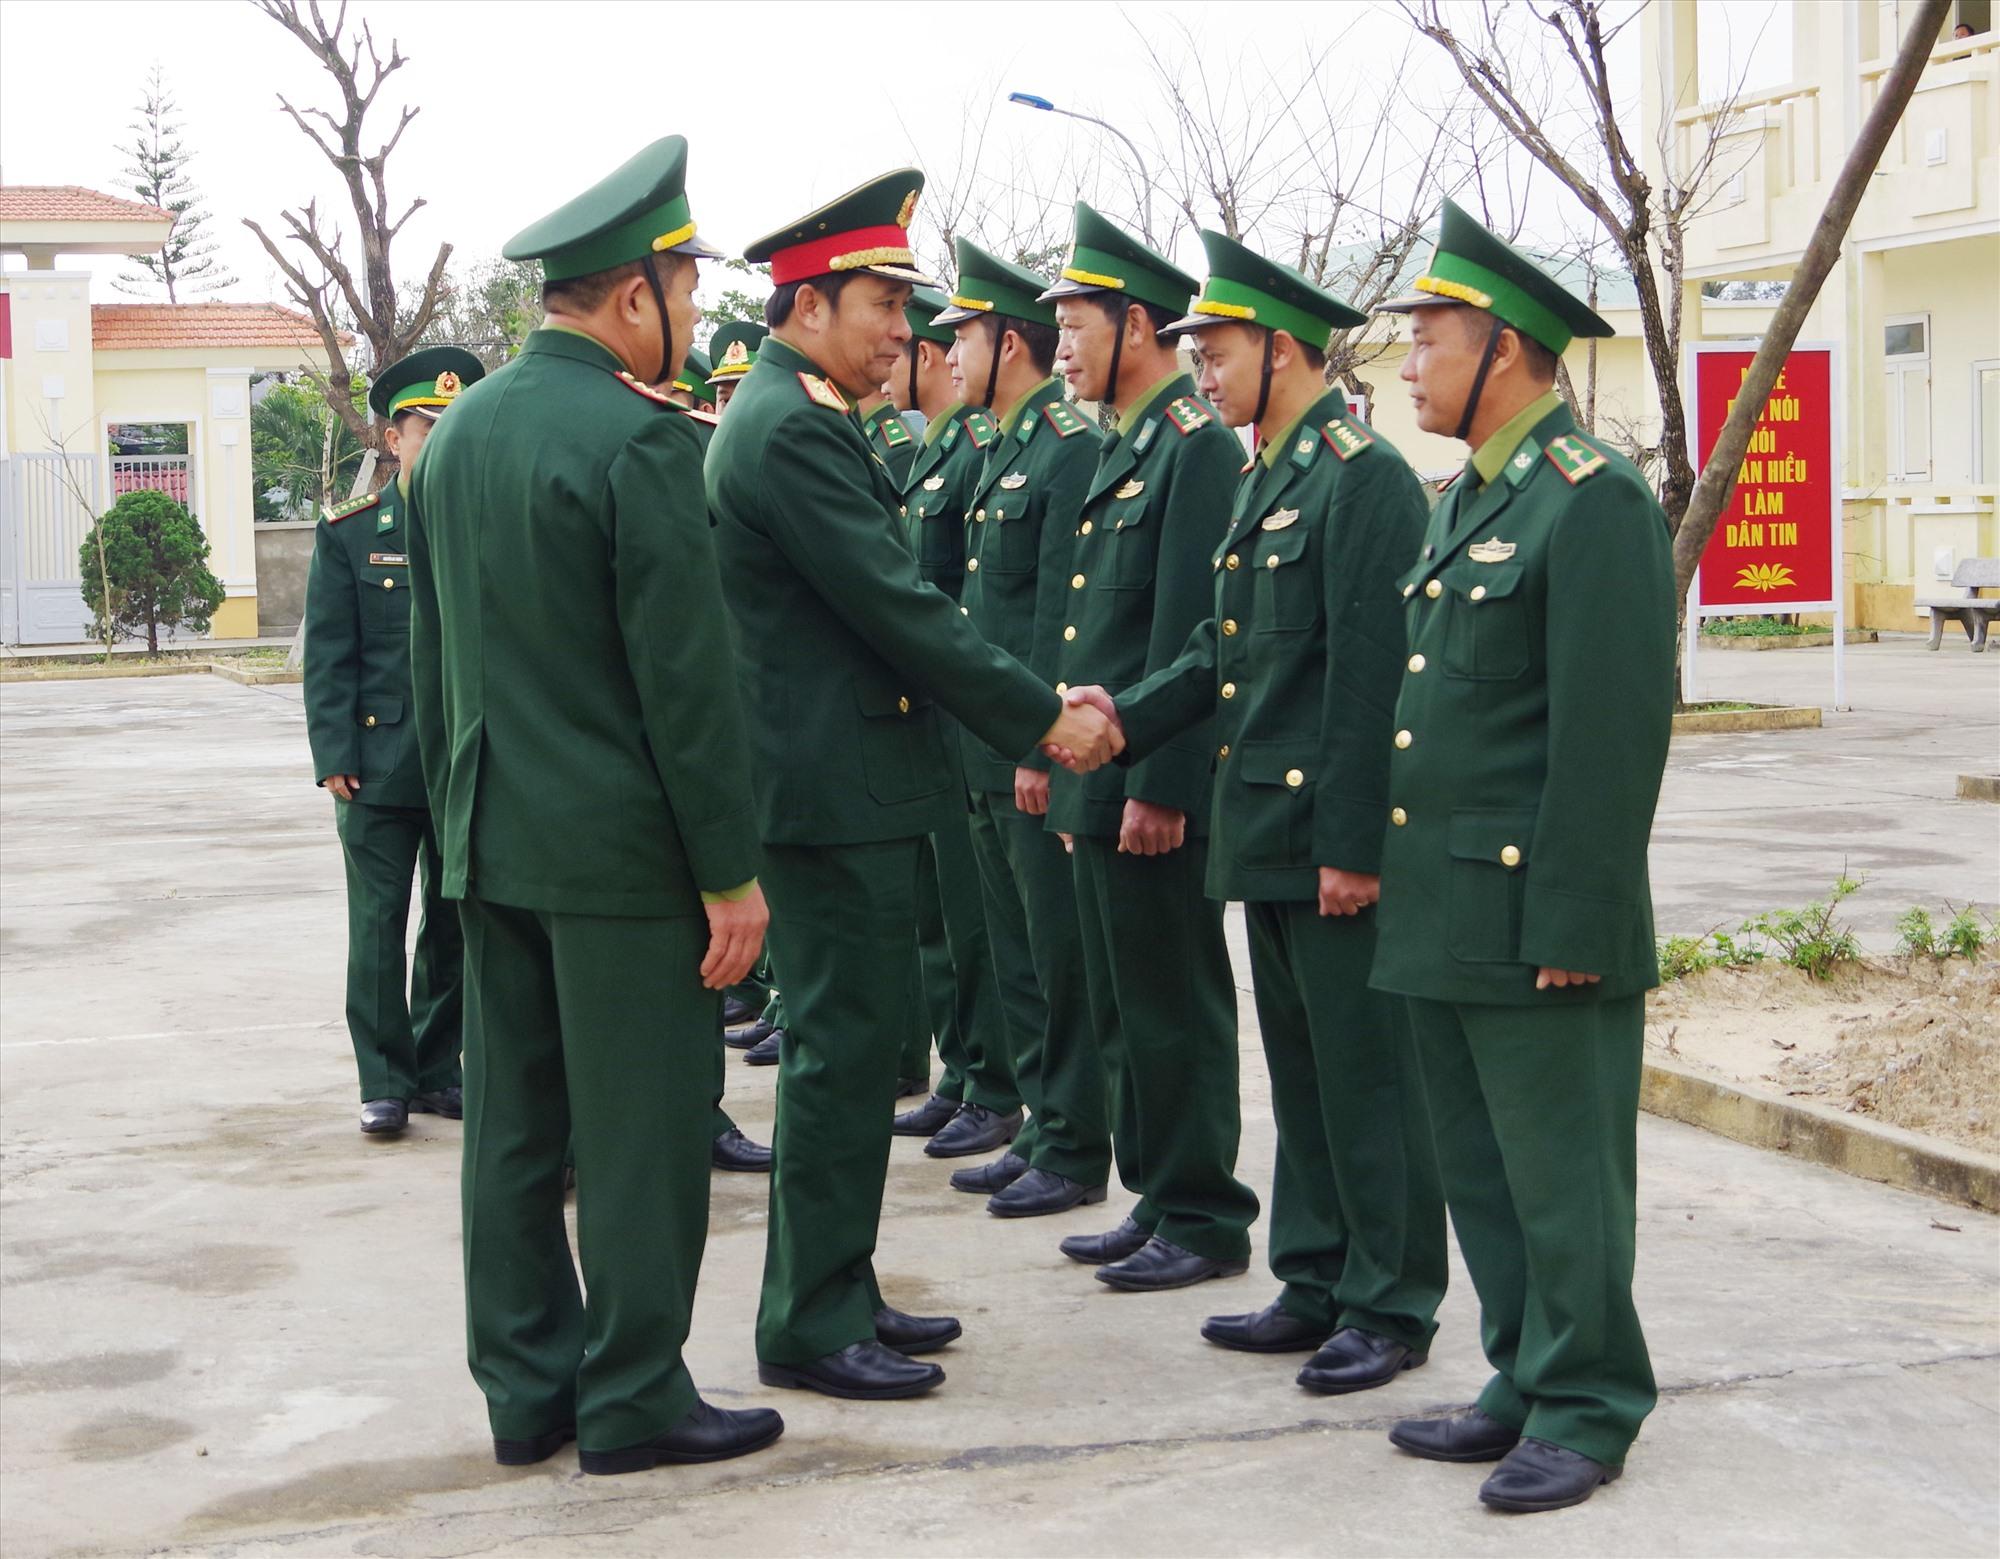 Trung tướng Phùng Sĩ Tấn, Phó Tổng Tham mưu trưởng  thăm, làm việc Đồn Biên phòng Tam Thanh. Ảnh: HỒNG ANH